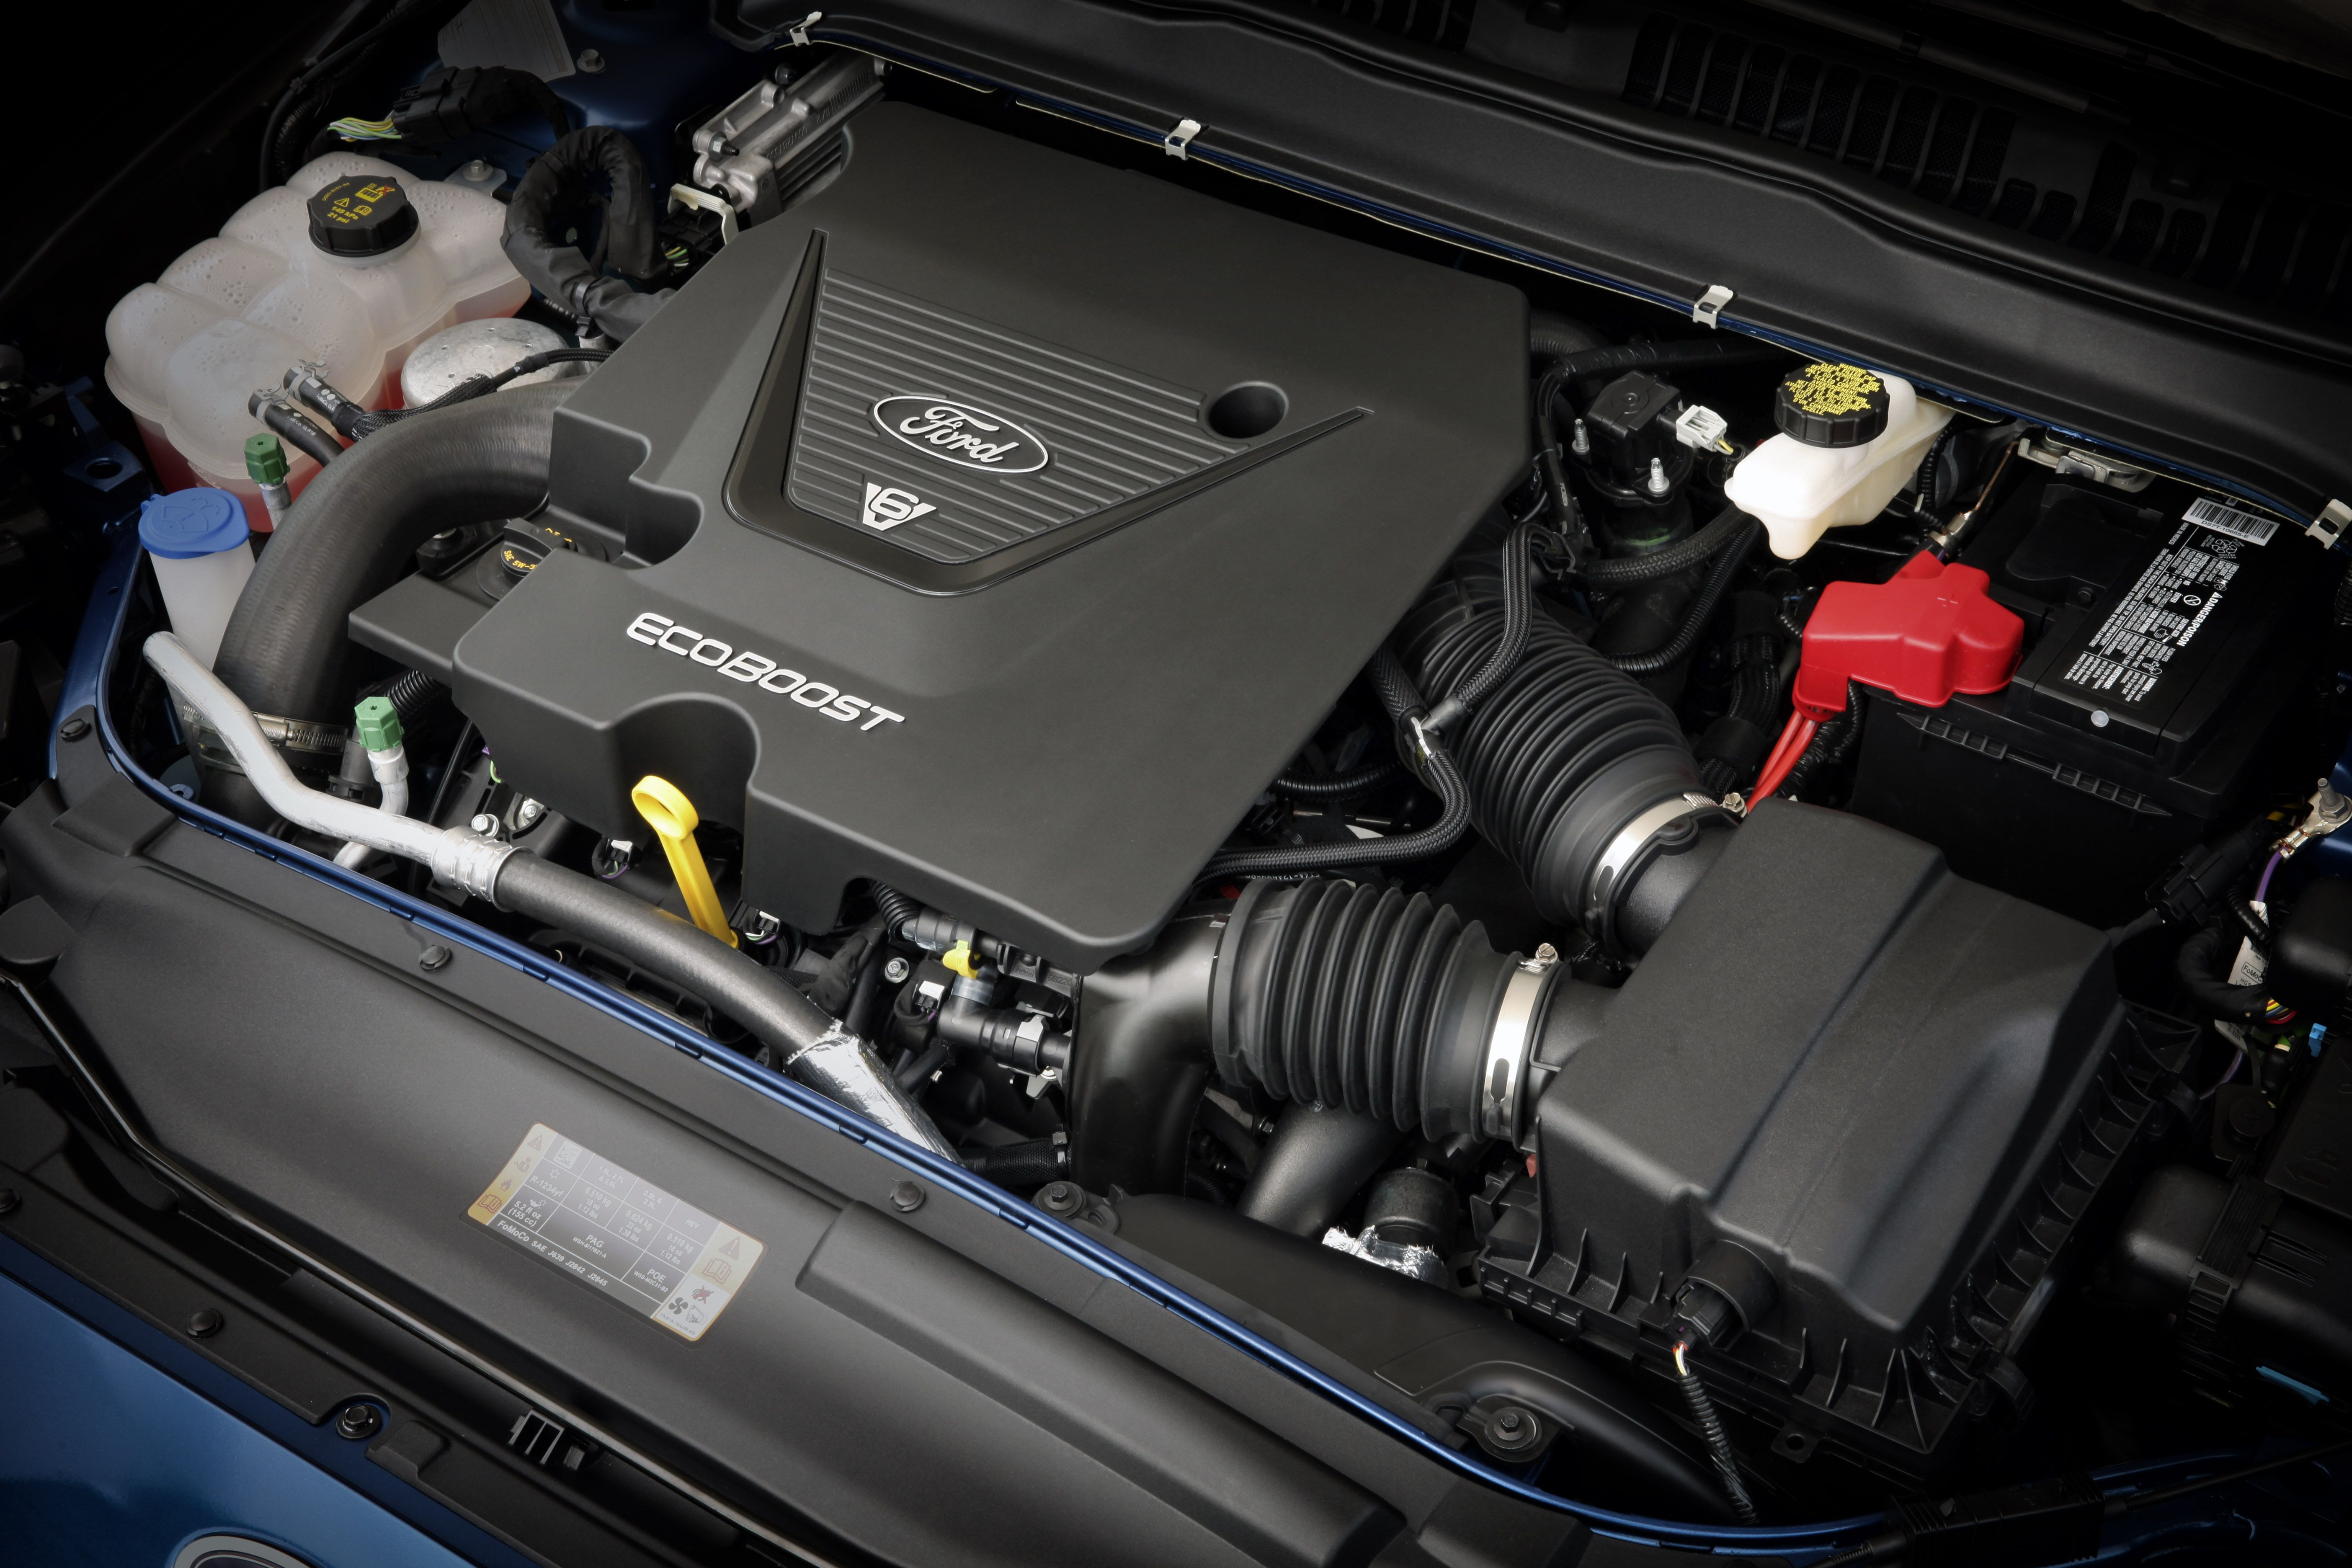 2017 Fusion V6 Sport 2 7l V 6 Dohc Ecoboost 325 Hp 380 Lb Ft